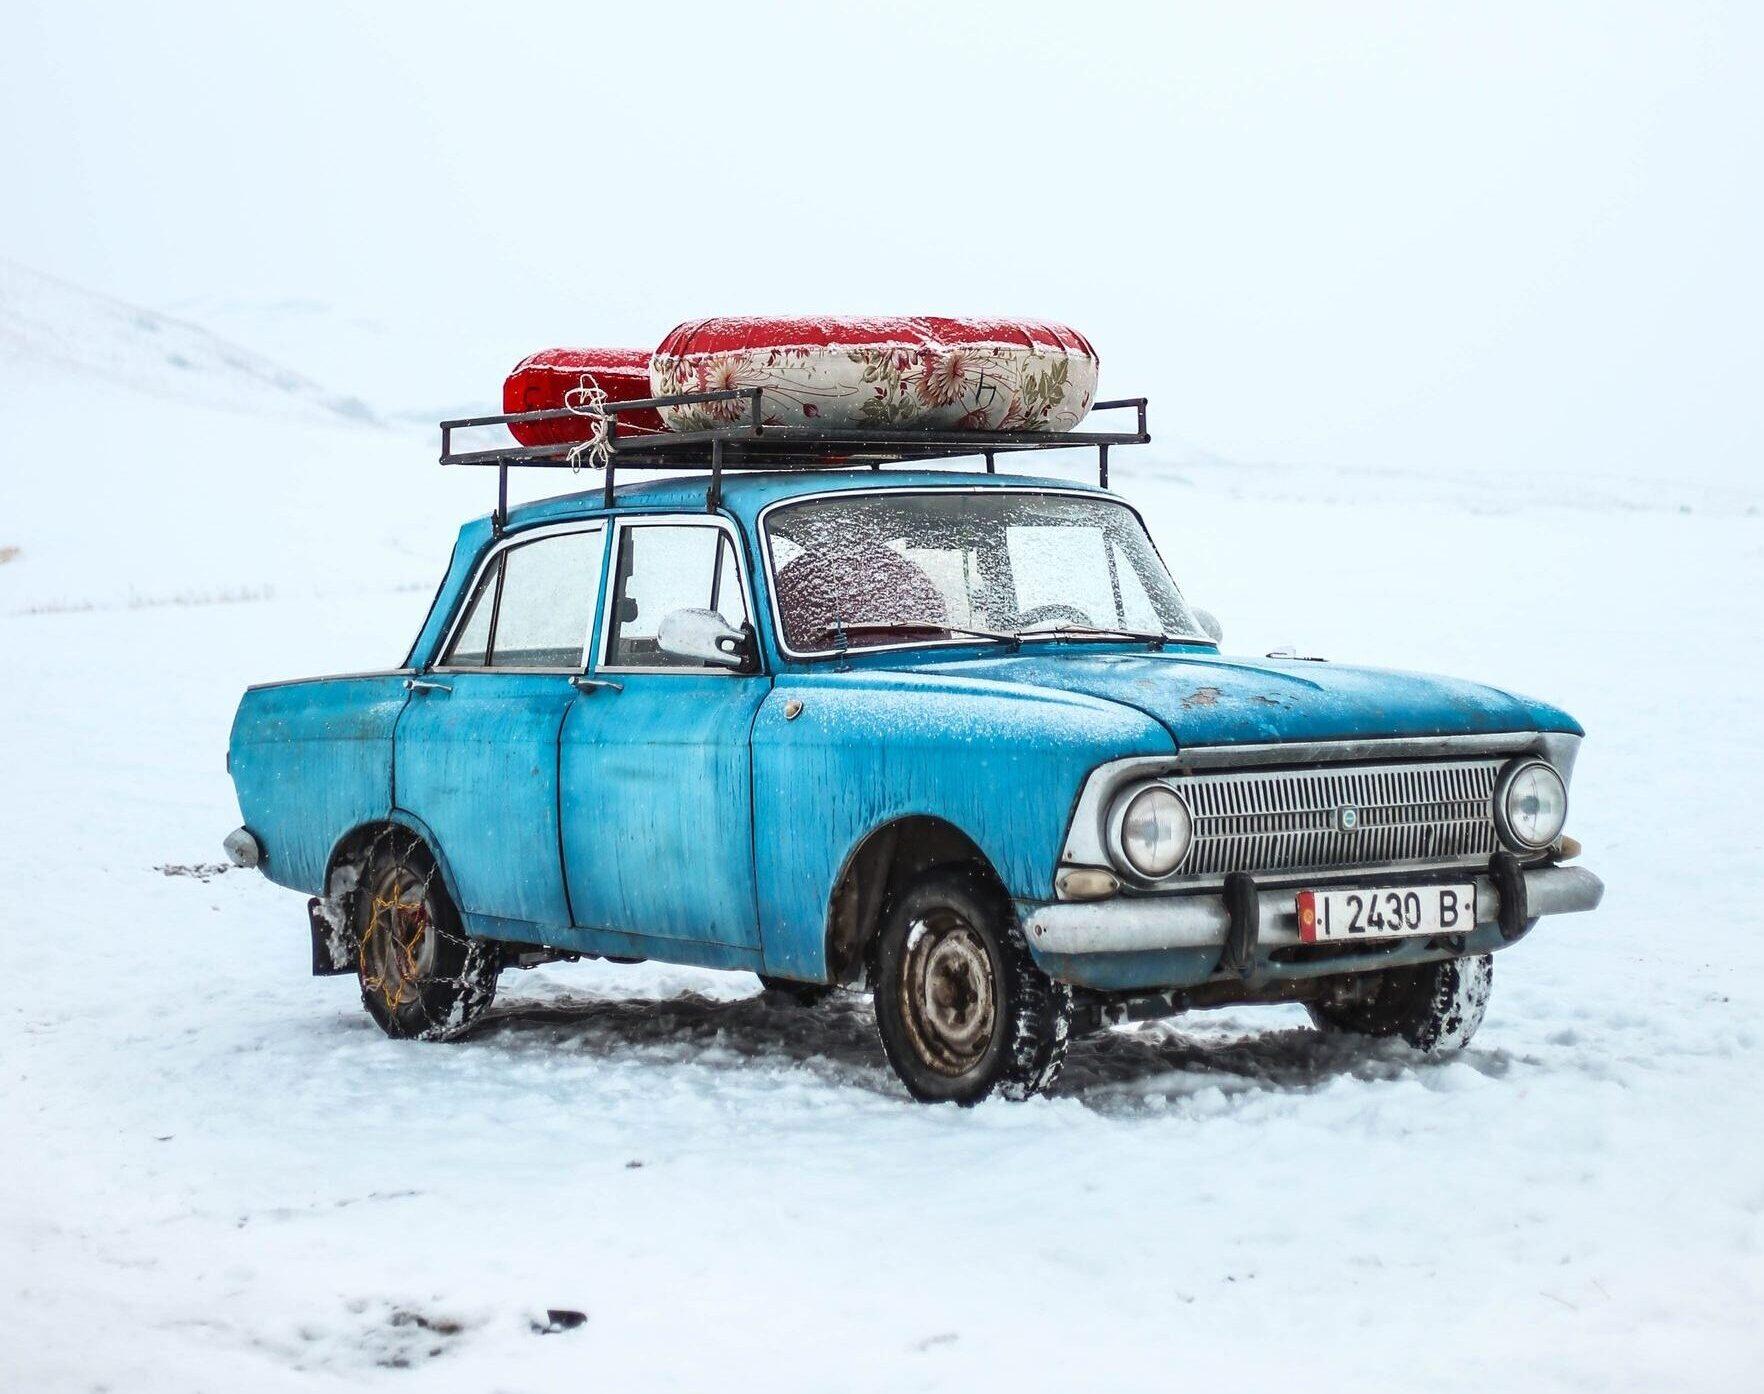 Blauer Van in schneebedeckter Landschaft